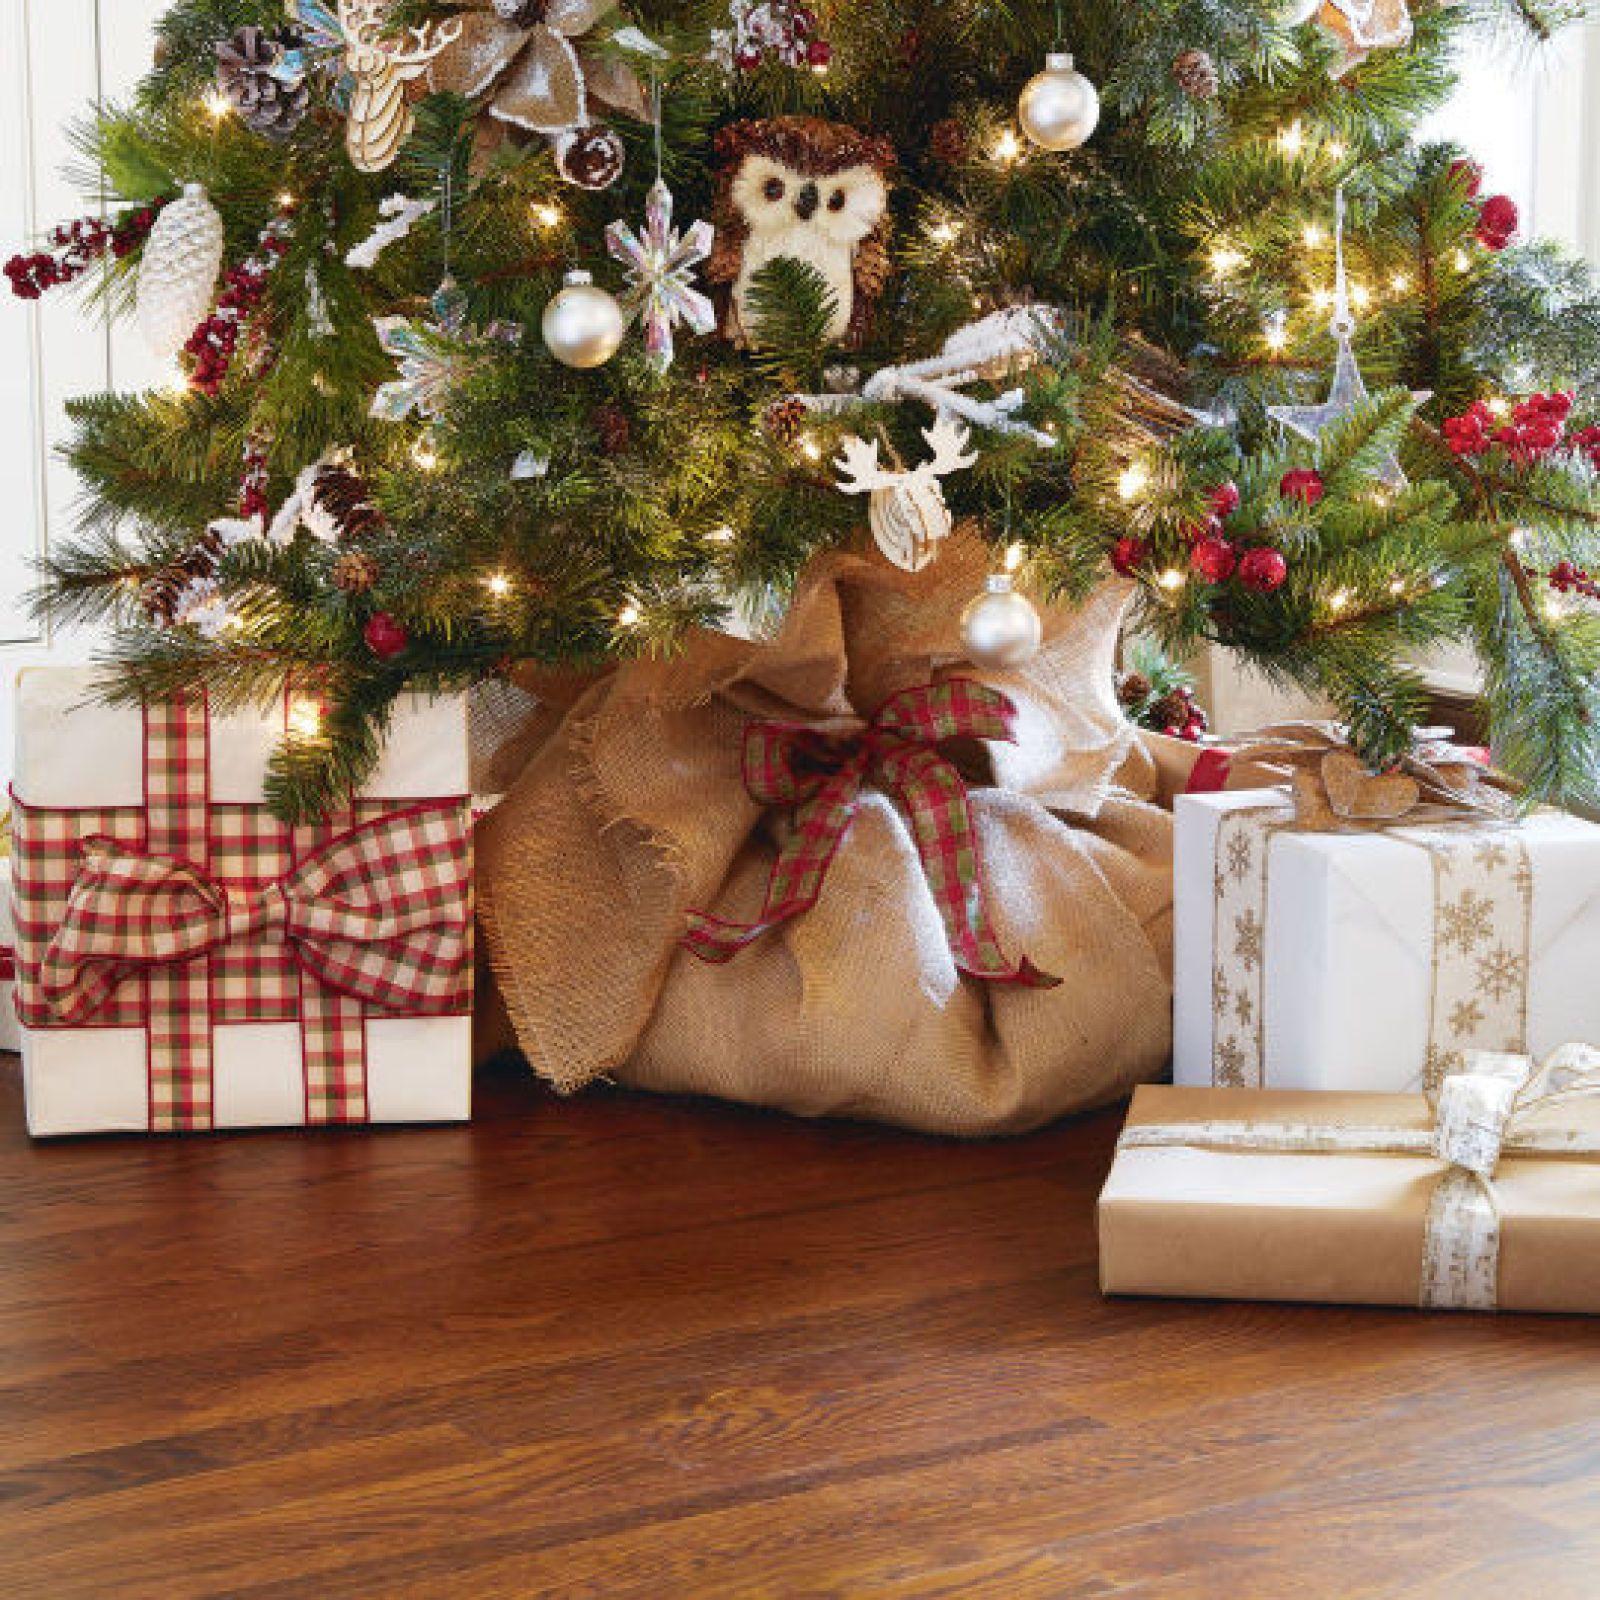 Burlap Tree Skirt Christmas Tree Themes Diy Christmas Tree Burlap Christmas Tree